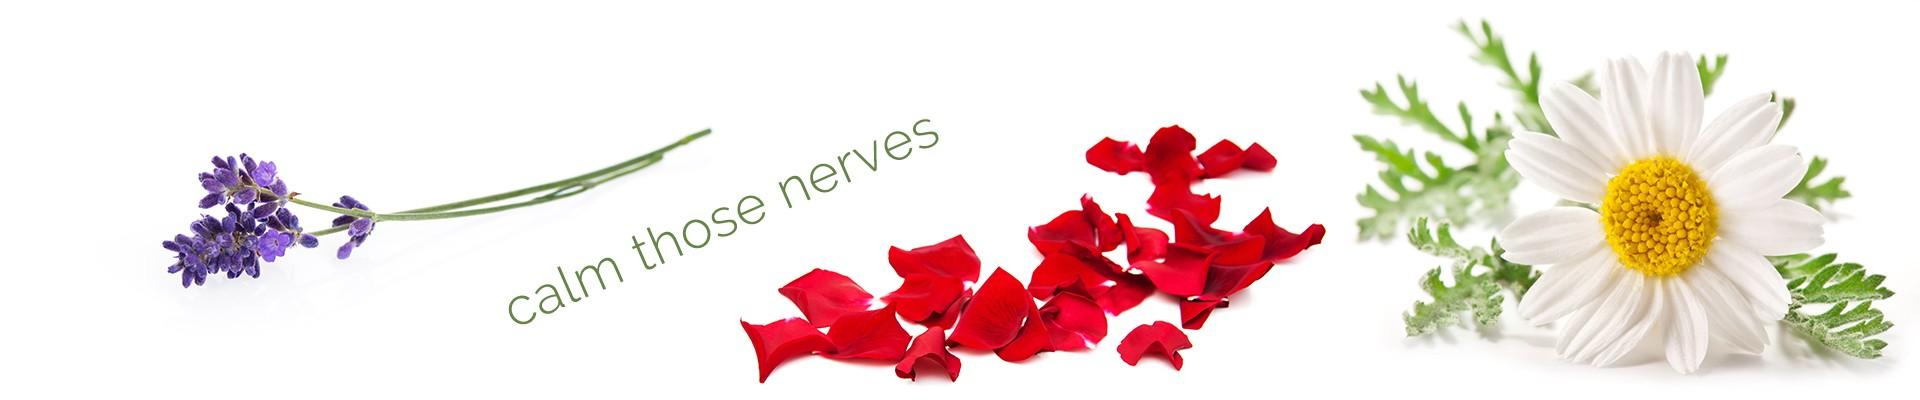 calm those nerves with Essential Oils